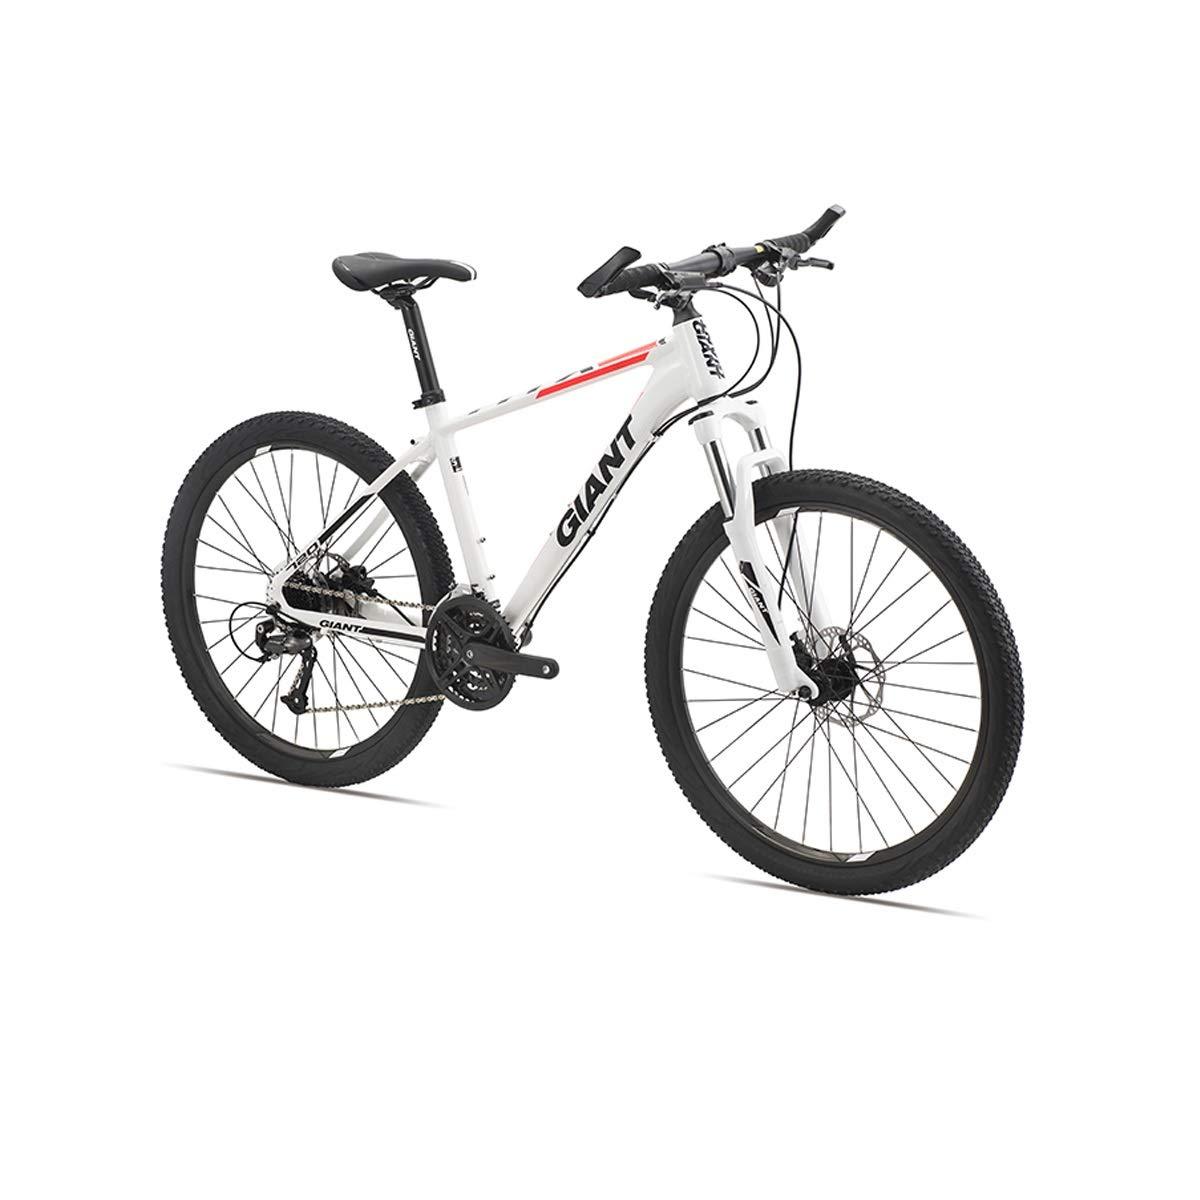 ロードバイク、27スピード26インチホイールロードバイク、油圧ディスクブレーキバイク、アルミ合金 (Color : White, Edition : 27 speed) 27 speed White B07QQNQPJX